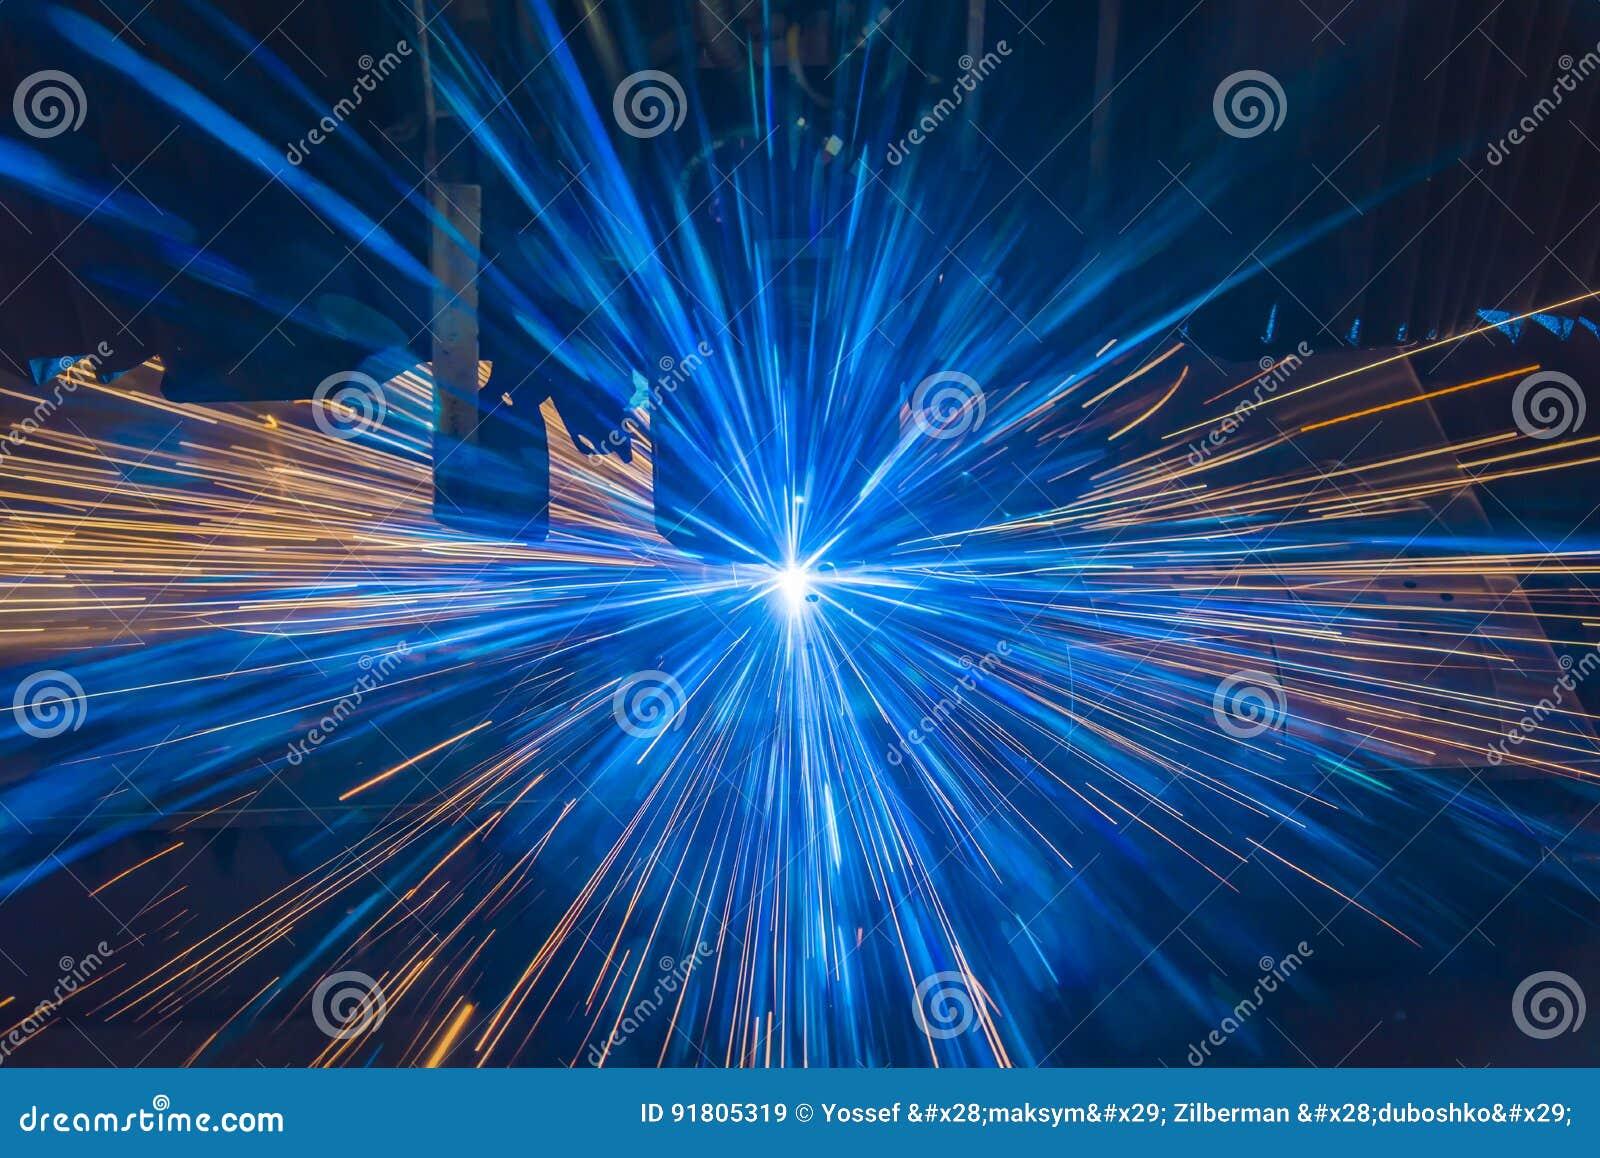 Taglio industriale del laser che elabora tecnologia di fabbricazione del materiale d acciaio del metallo della lamiera piana con